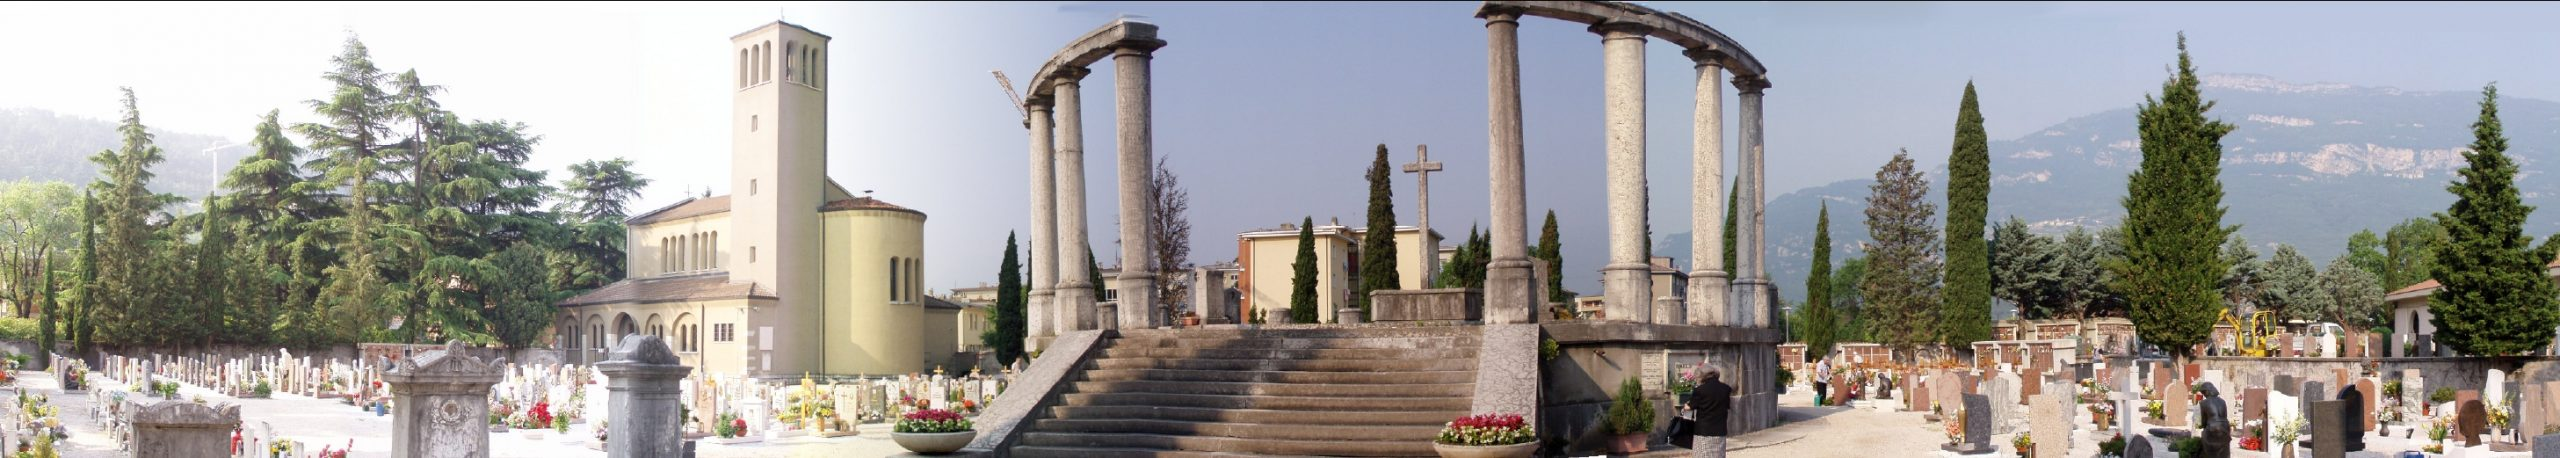 Cimitero S.Maria